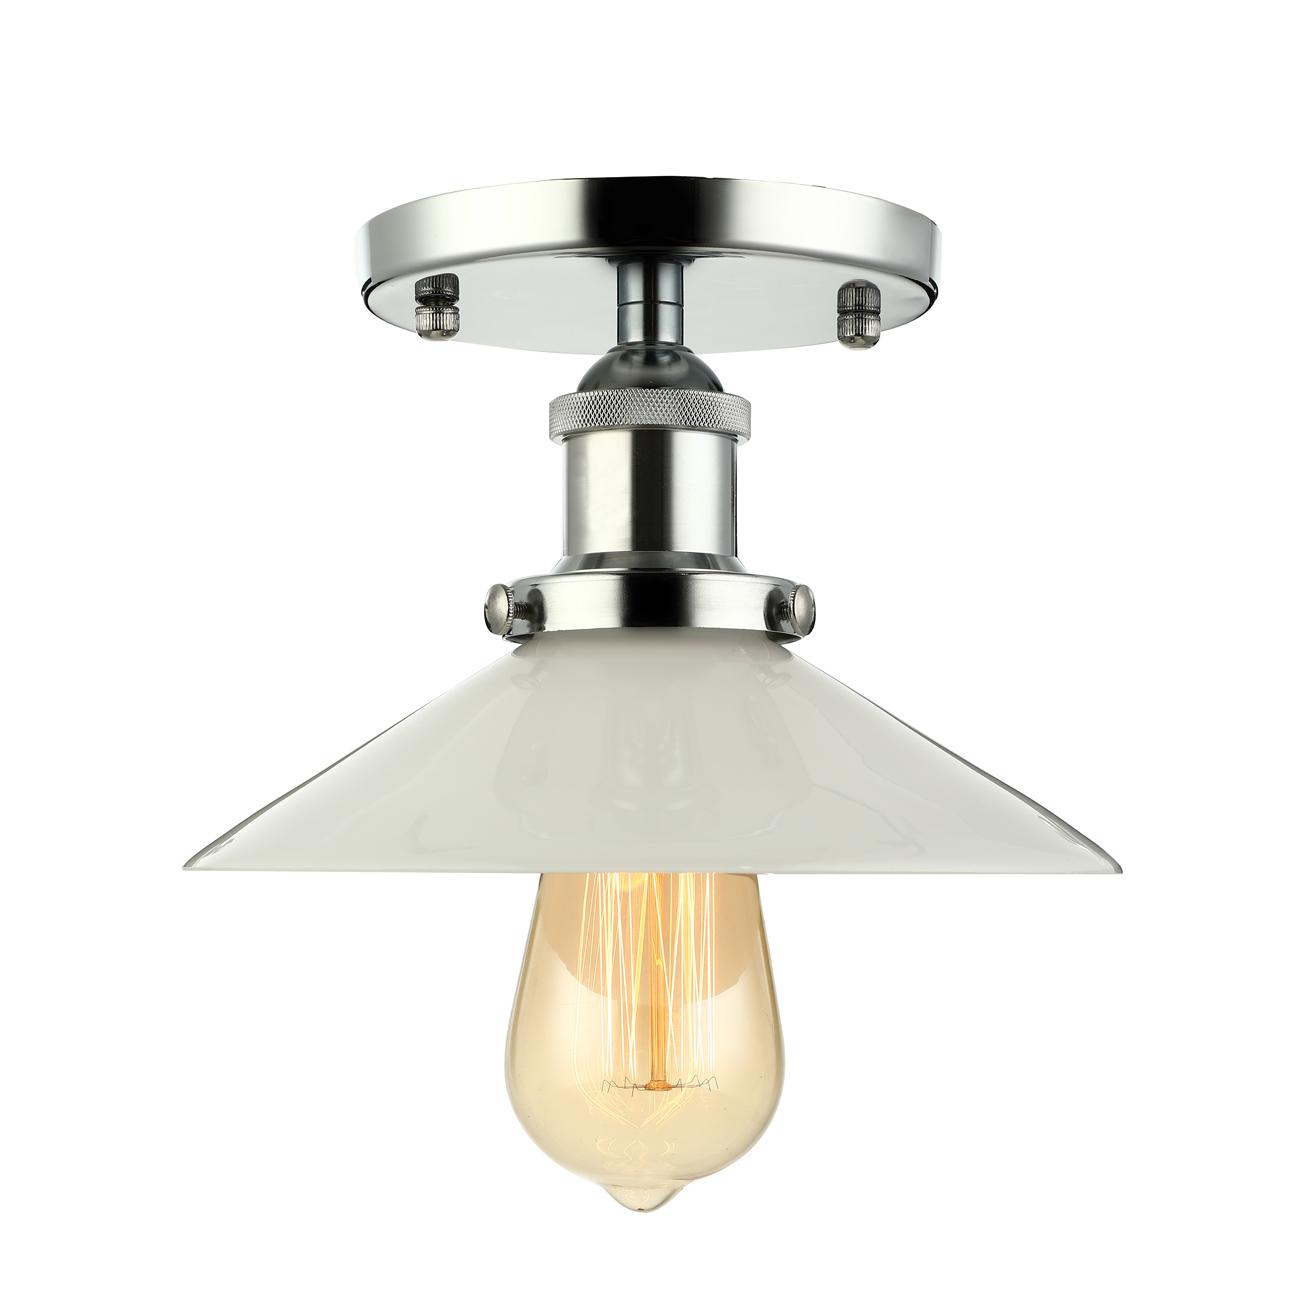 Details About Vintage Style Chrome 1 Light Mini Led Semi Flush Mount Ceiling Lights Fixtures